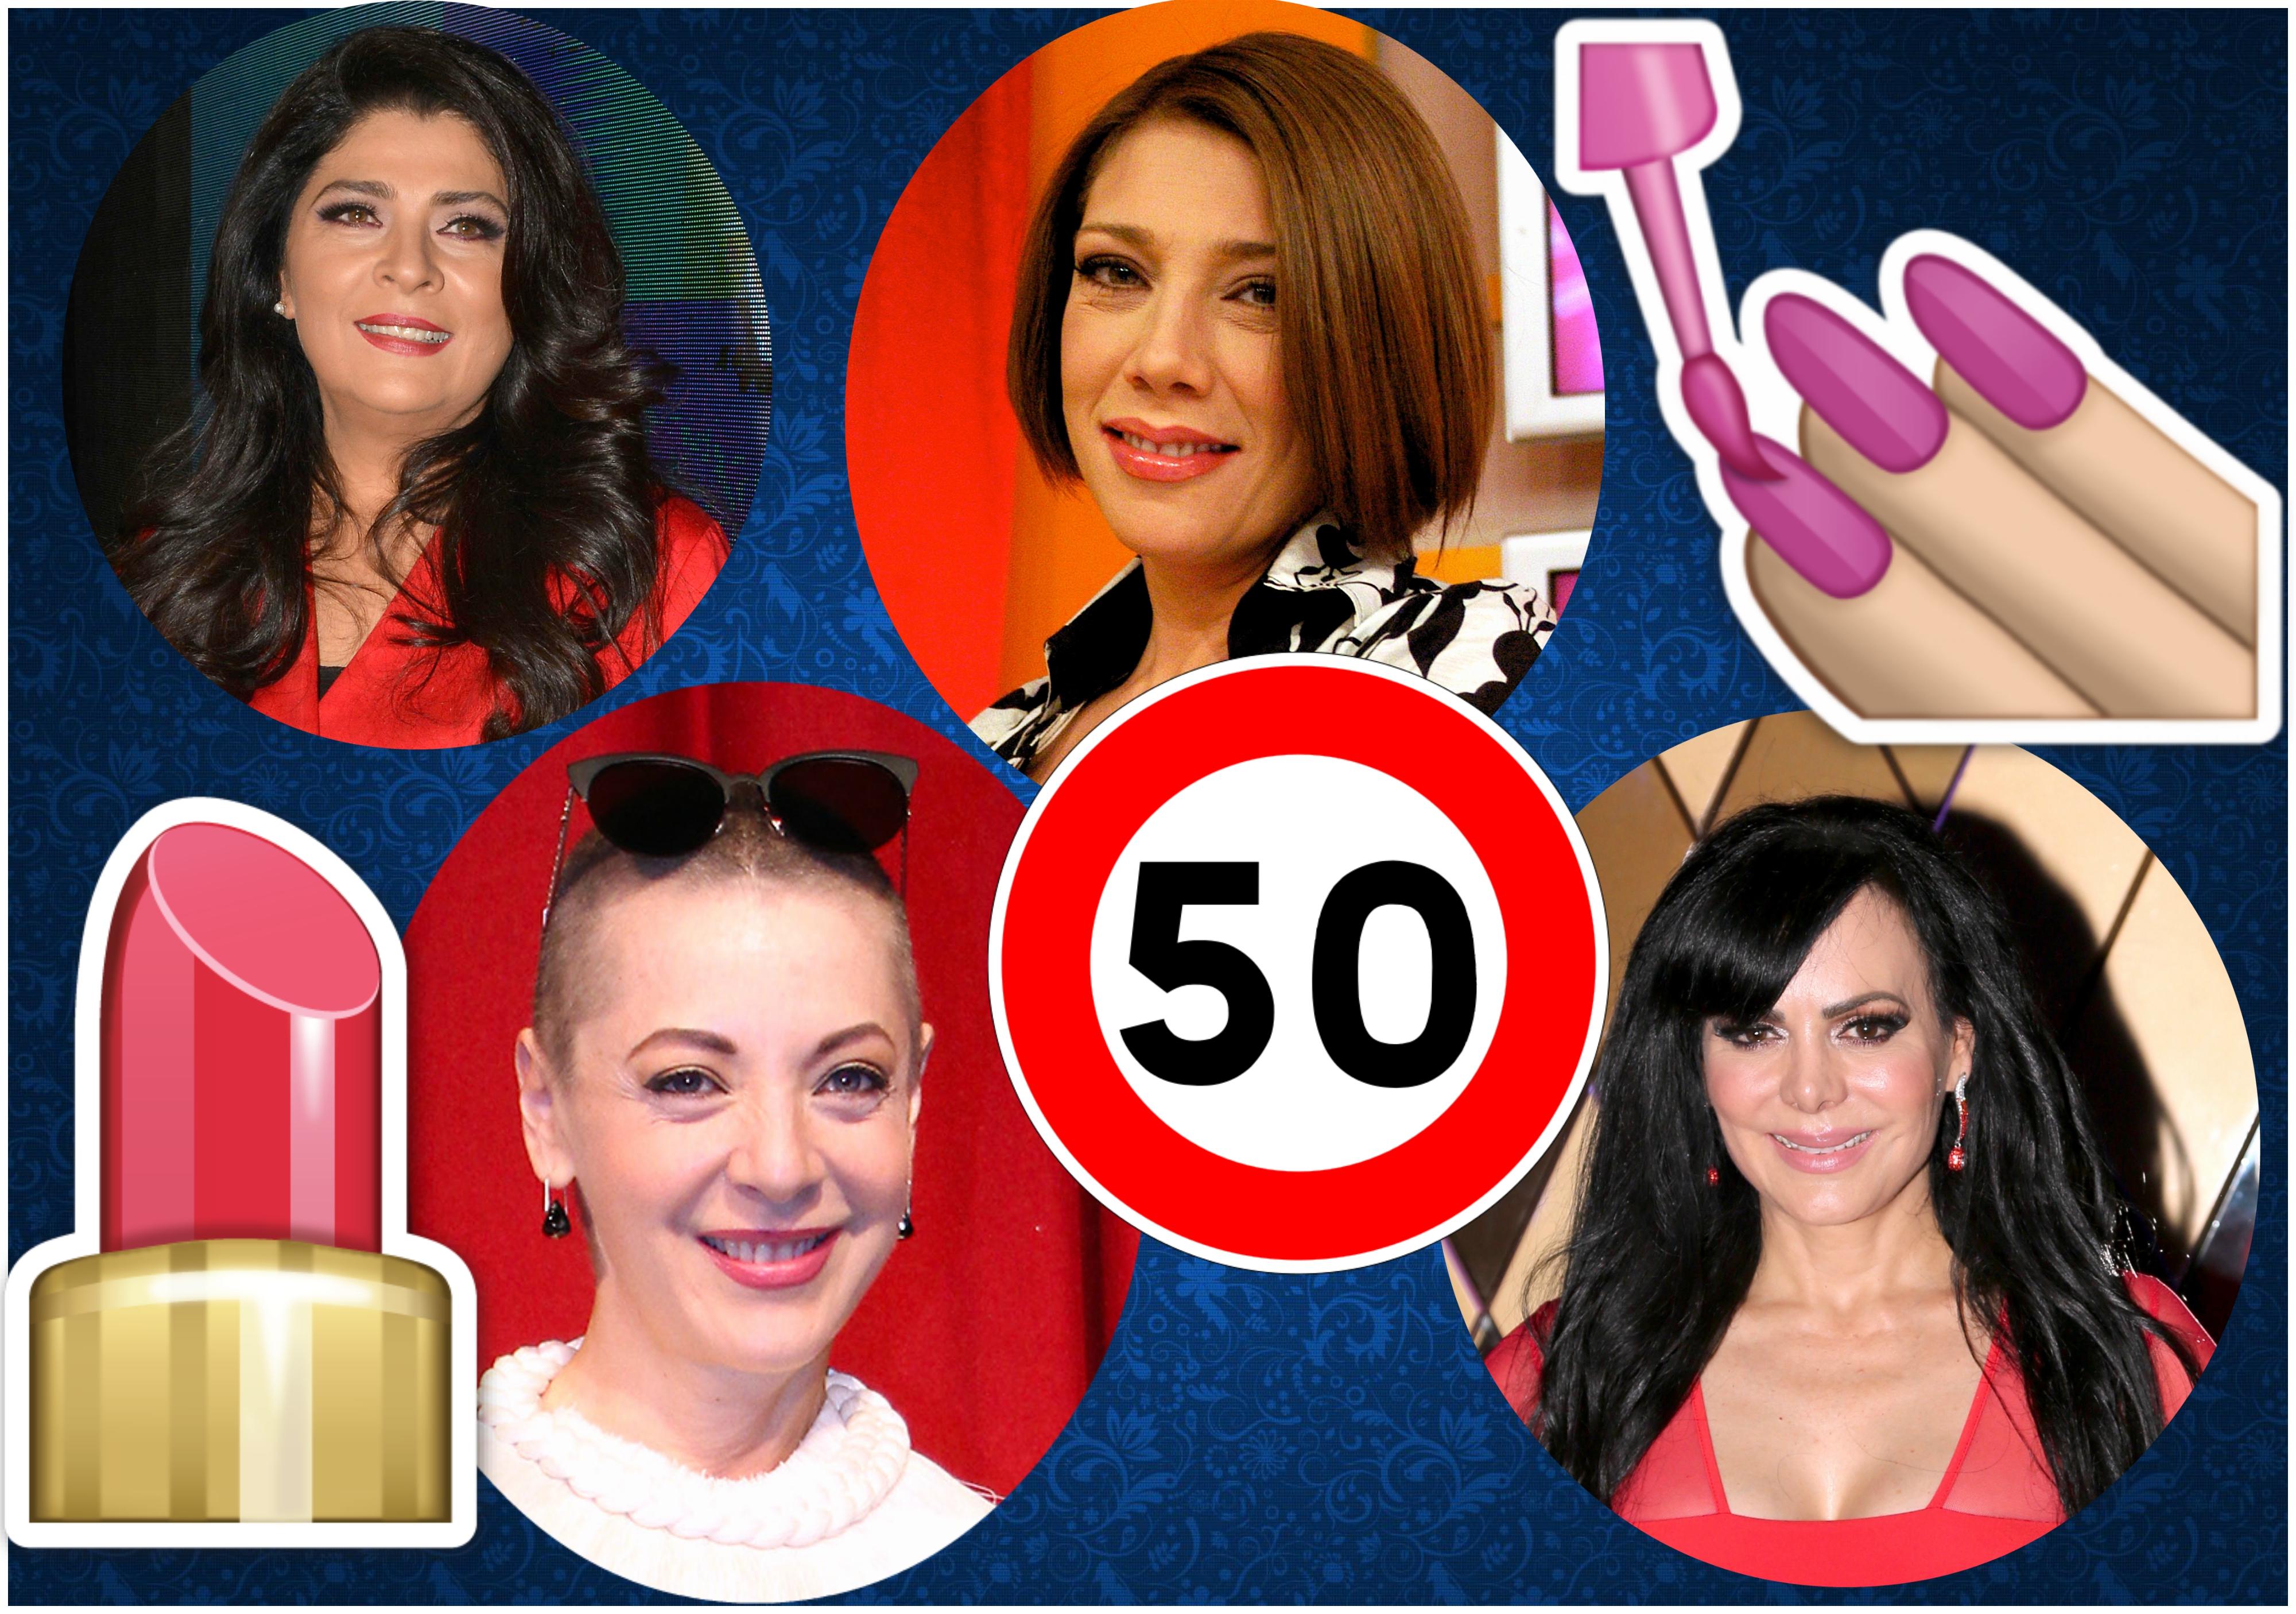 Mientras más famosas, más tragan años: no creerás que ellas tienen 50 años